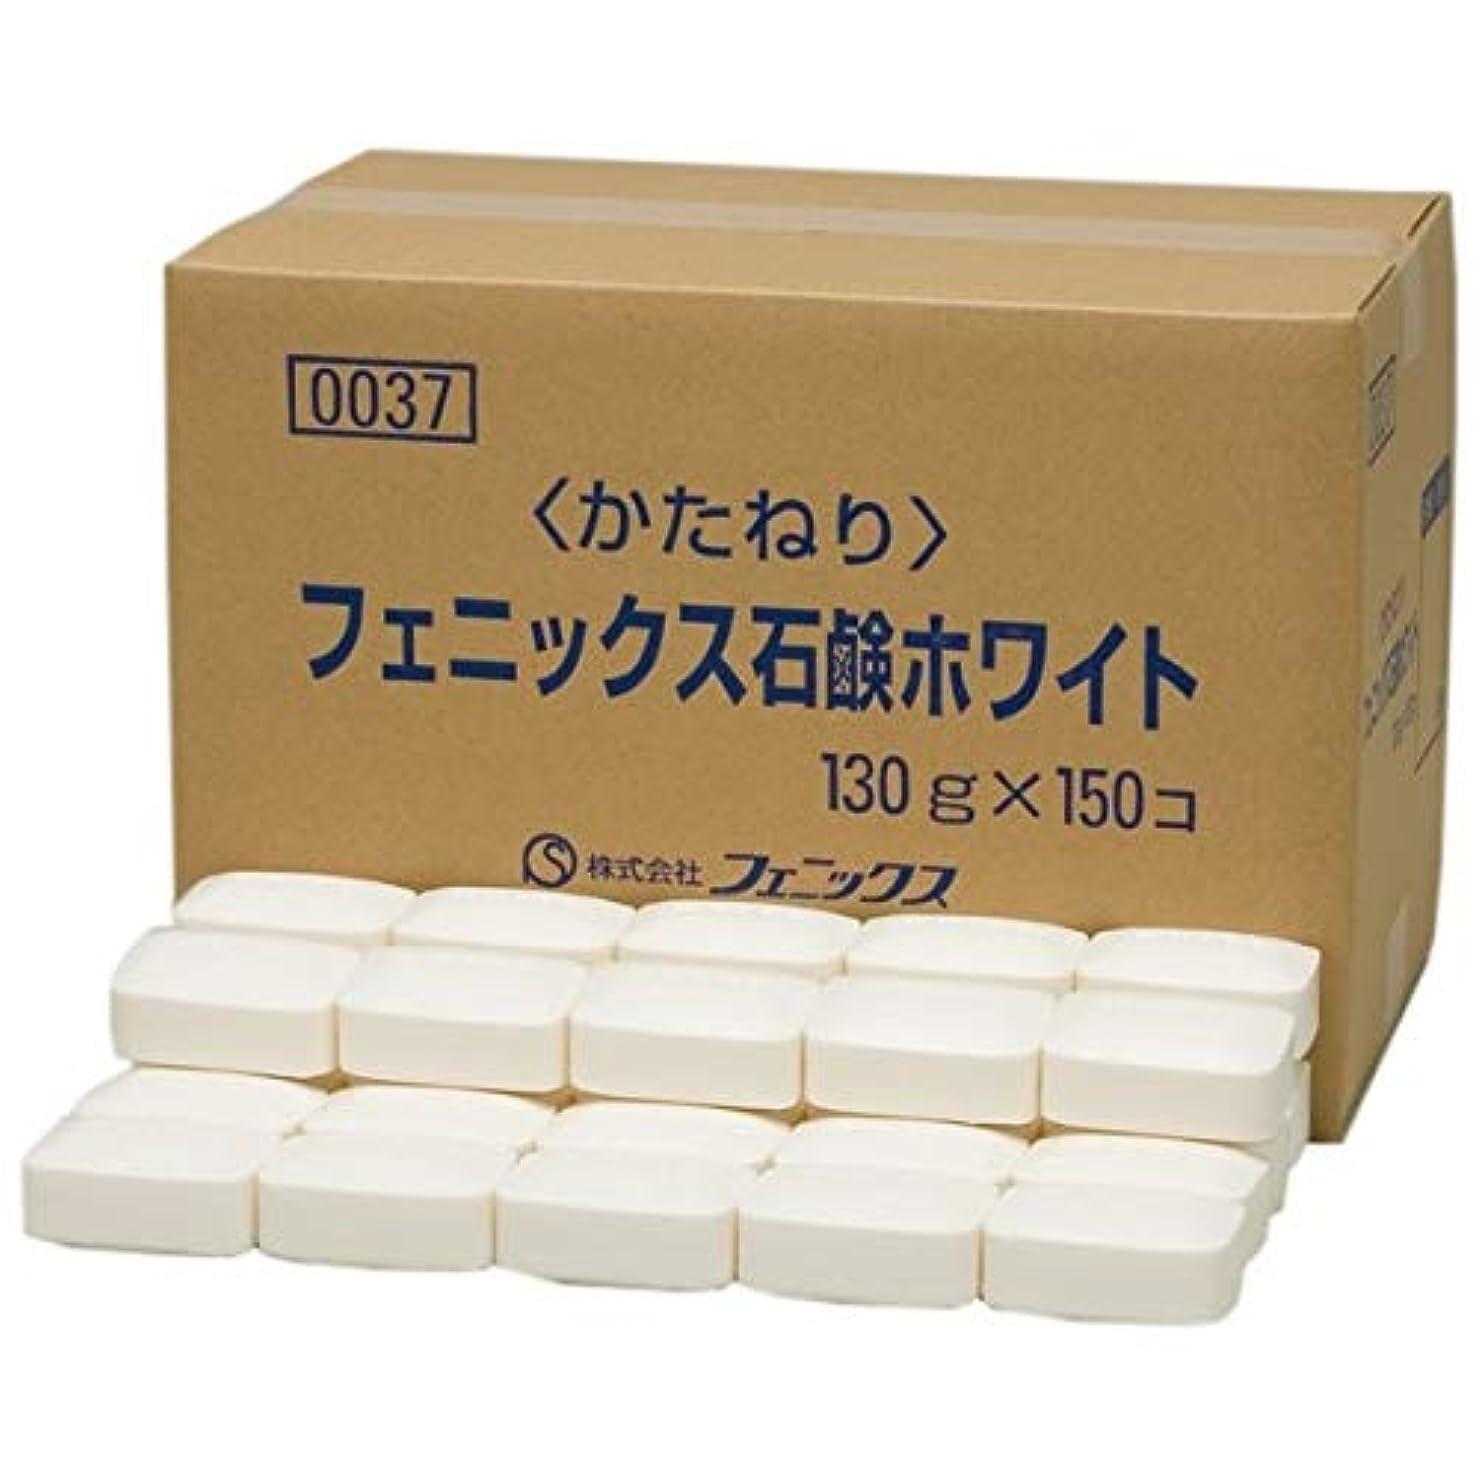 電卓抽象化たまにフェニックスホワイト石鹸 130g×150個入